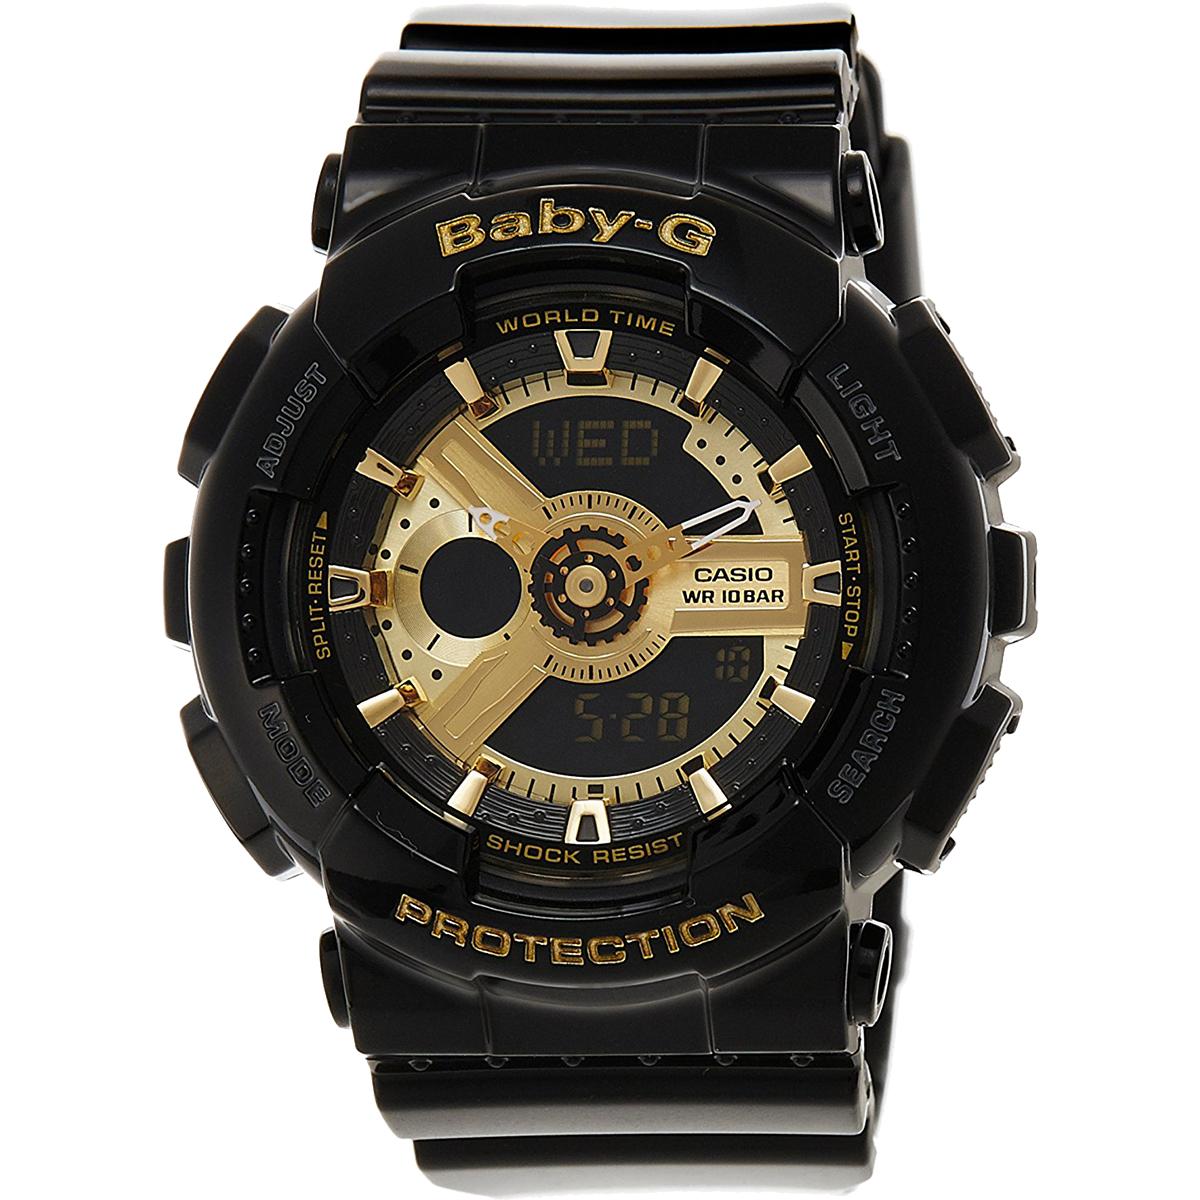 CASIO BABY-G カシオ ベビーG BA-110-1A/BA110-1A アナデジ ブラック レディース 腕時計 日本版型番:BA-110-1AJF/BA110-1AJF 【あす楽対応】